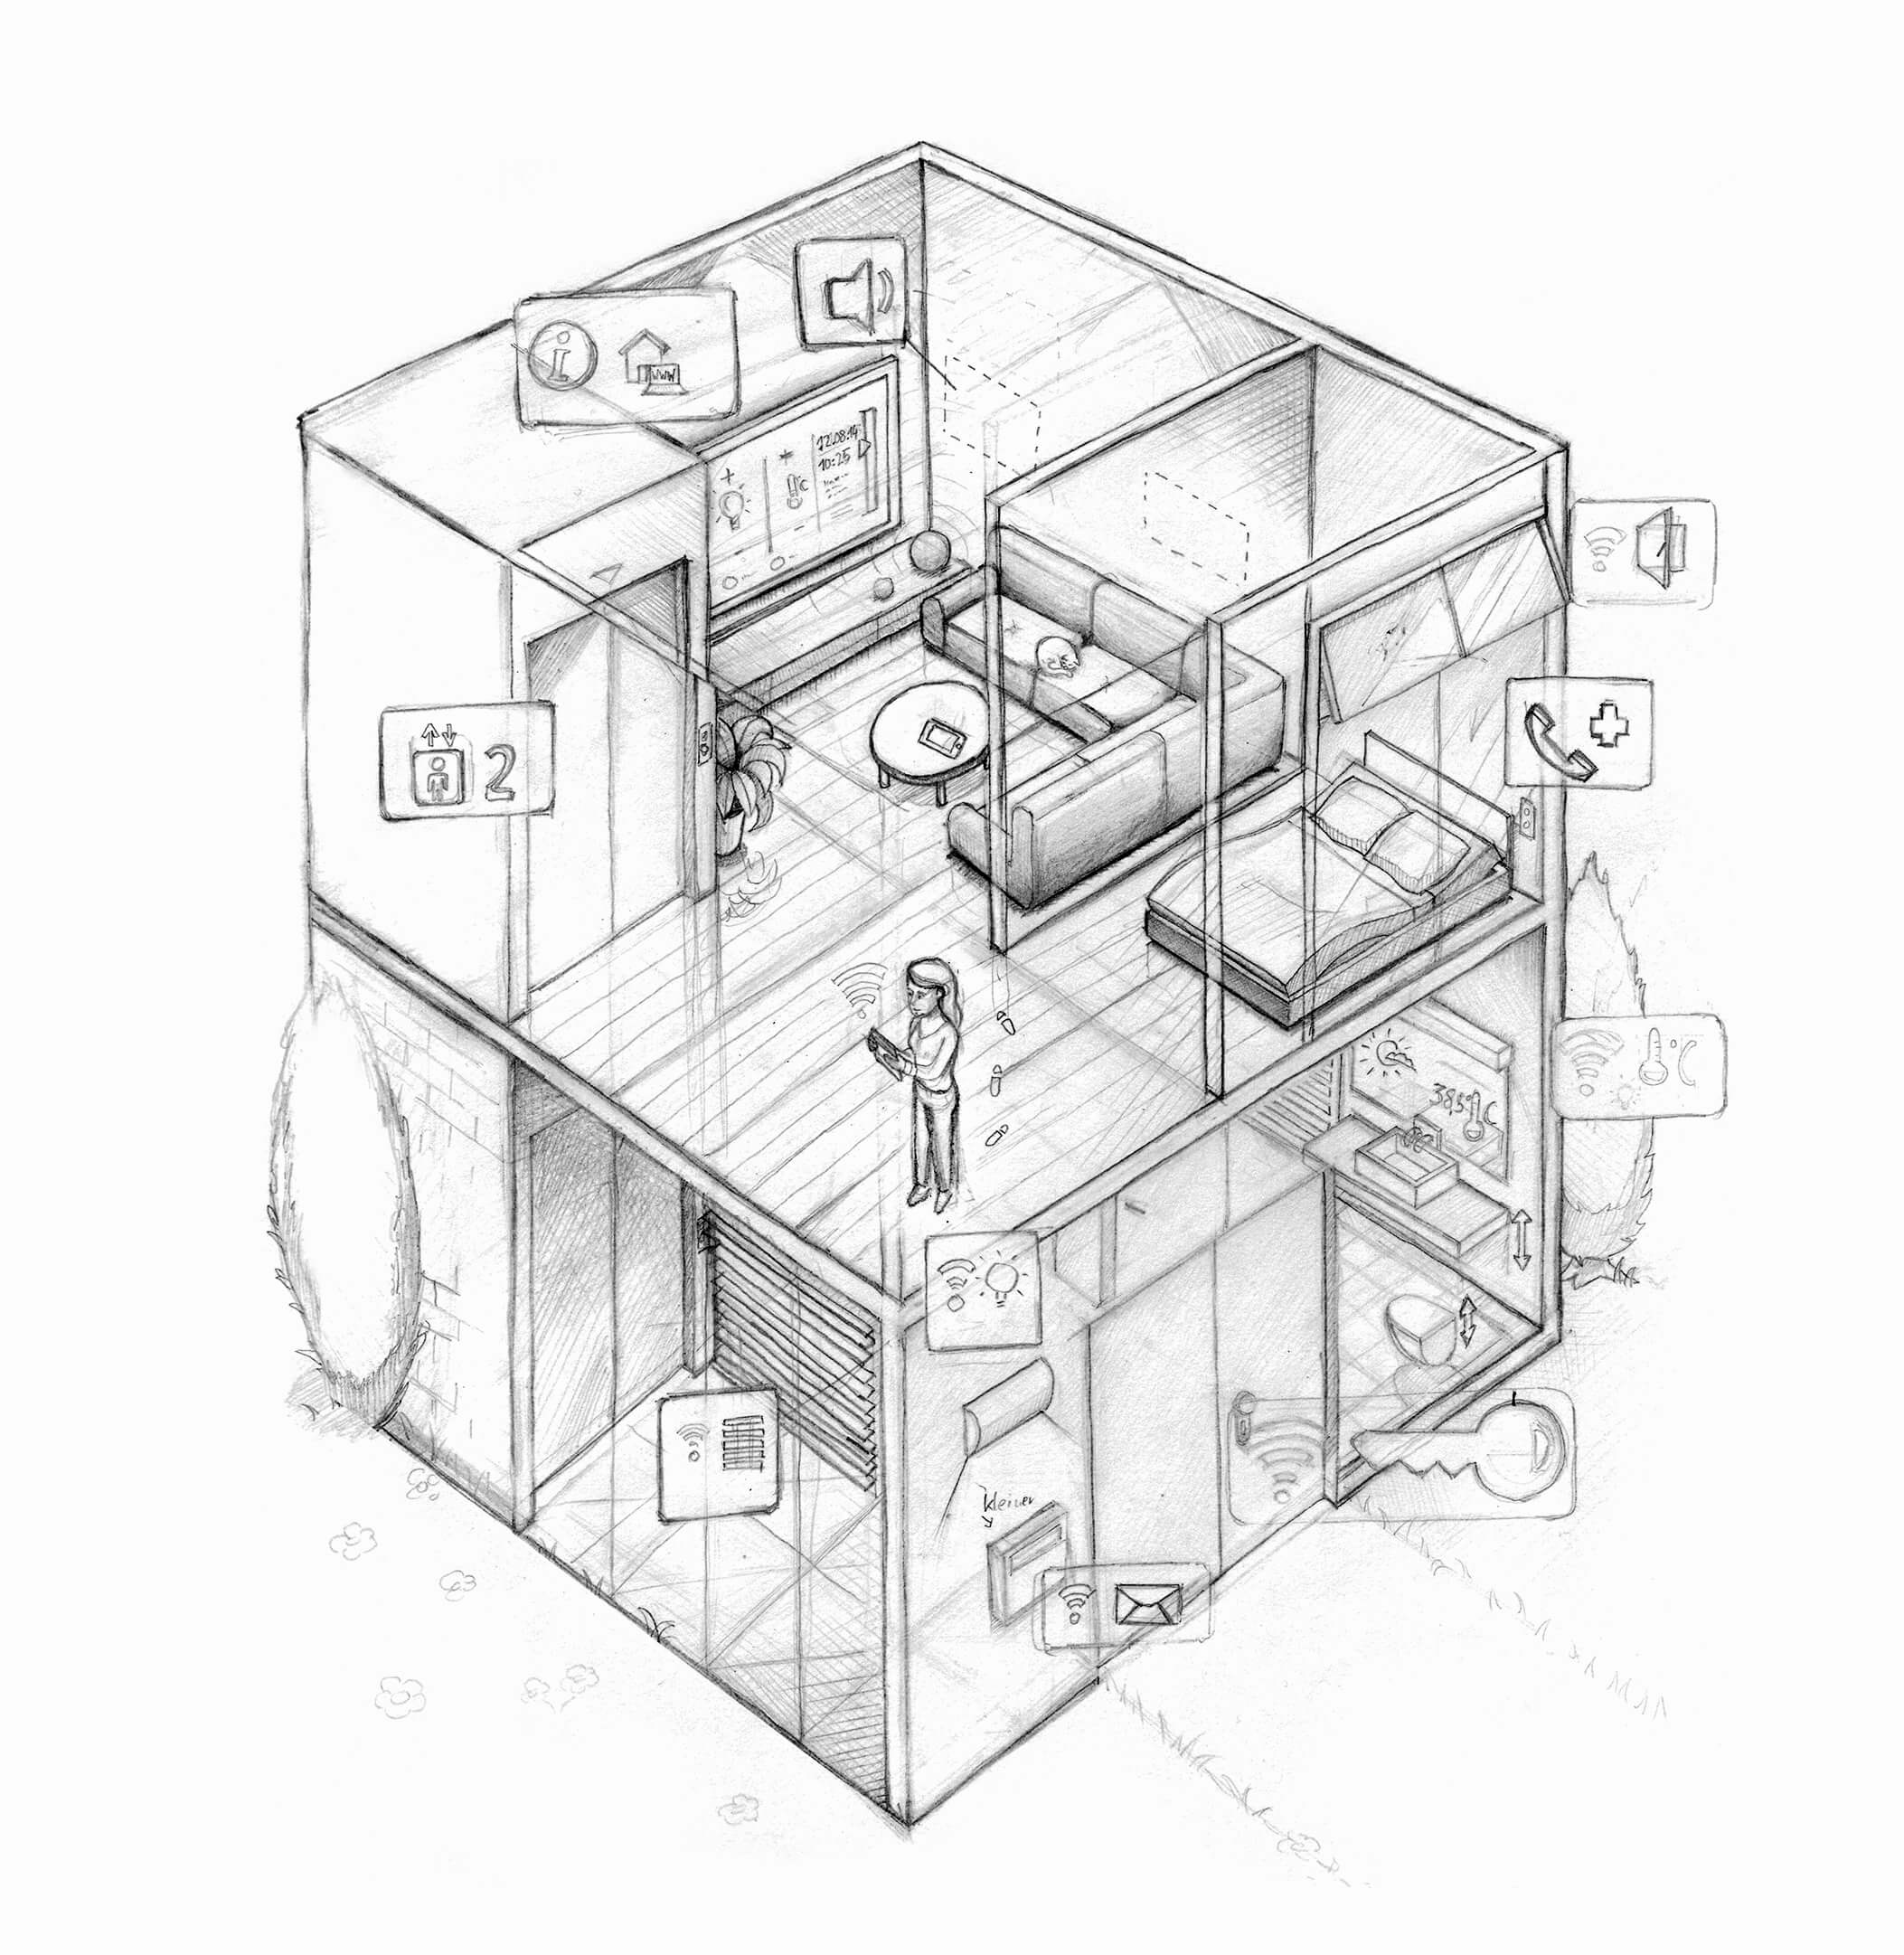 Isometrische Vektorgrafik als Umschlaggestaltung zum Thema Barrierefreies Wohnen